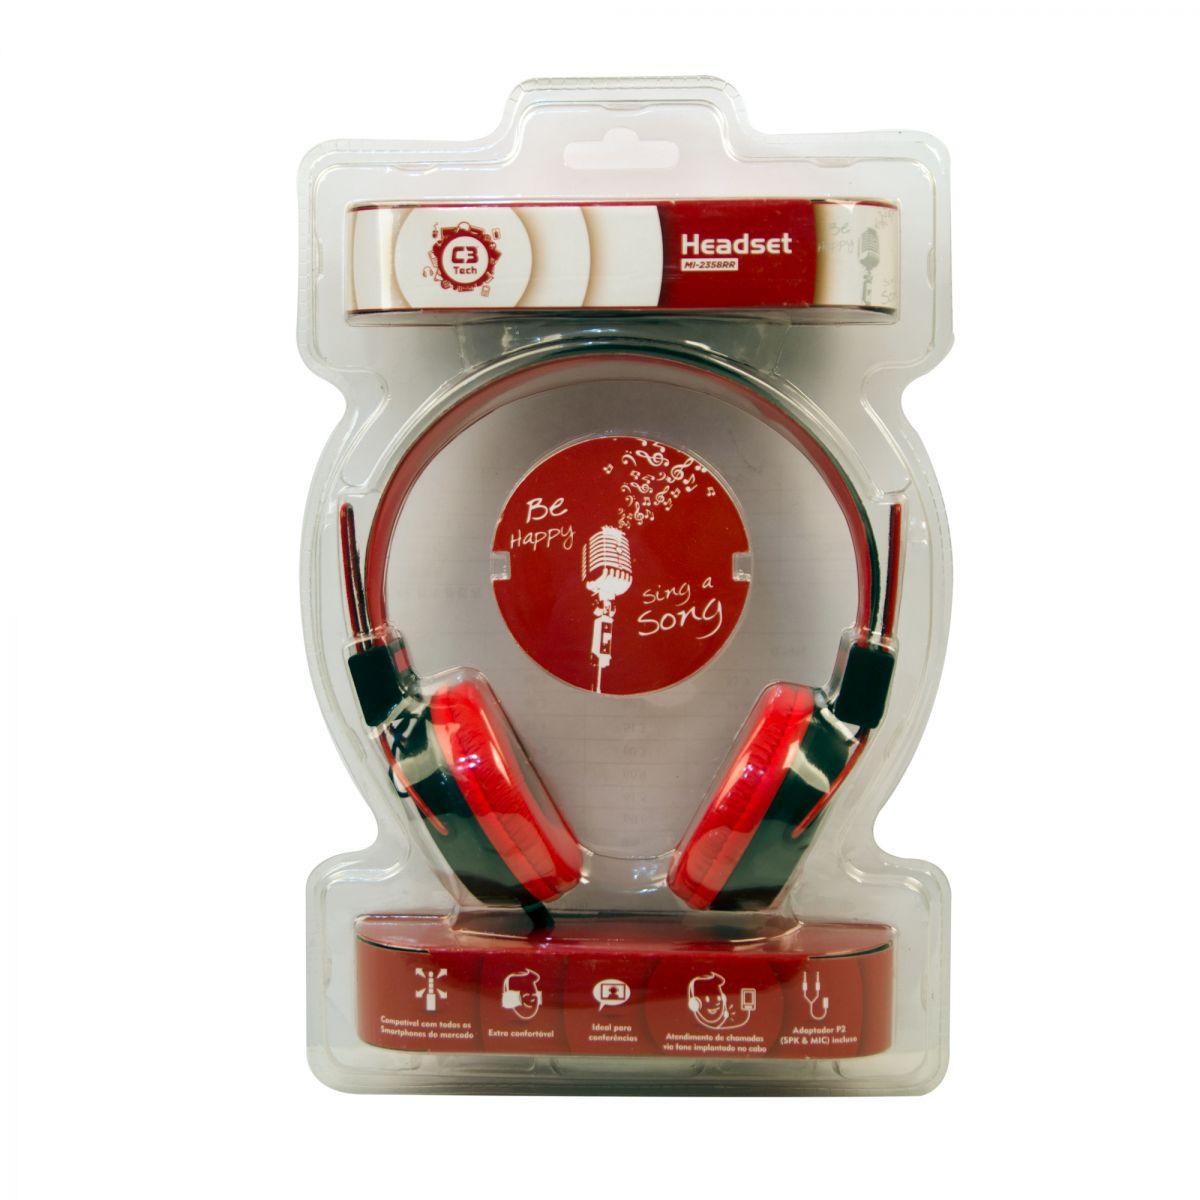 Fone de Ouvido Headset Multimídia Preto/Vermelho C3 Tech - MI-2358RR  - ShopNoroeste.com.br